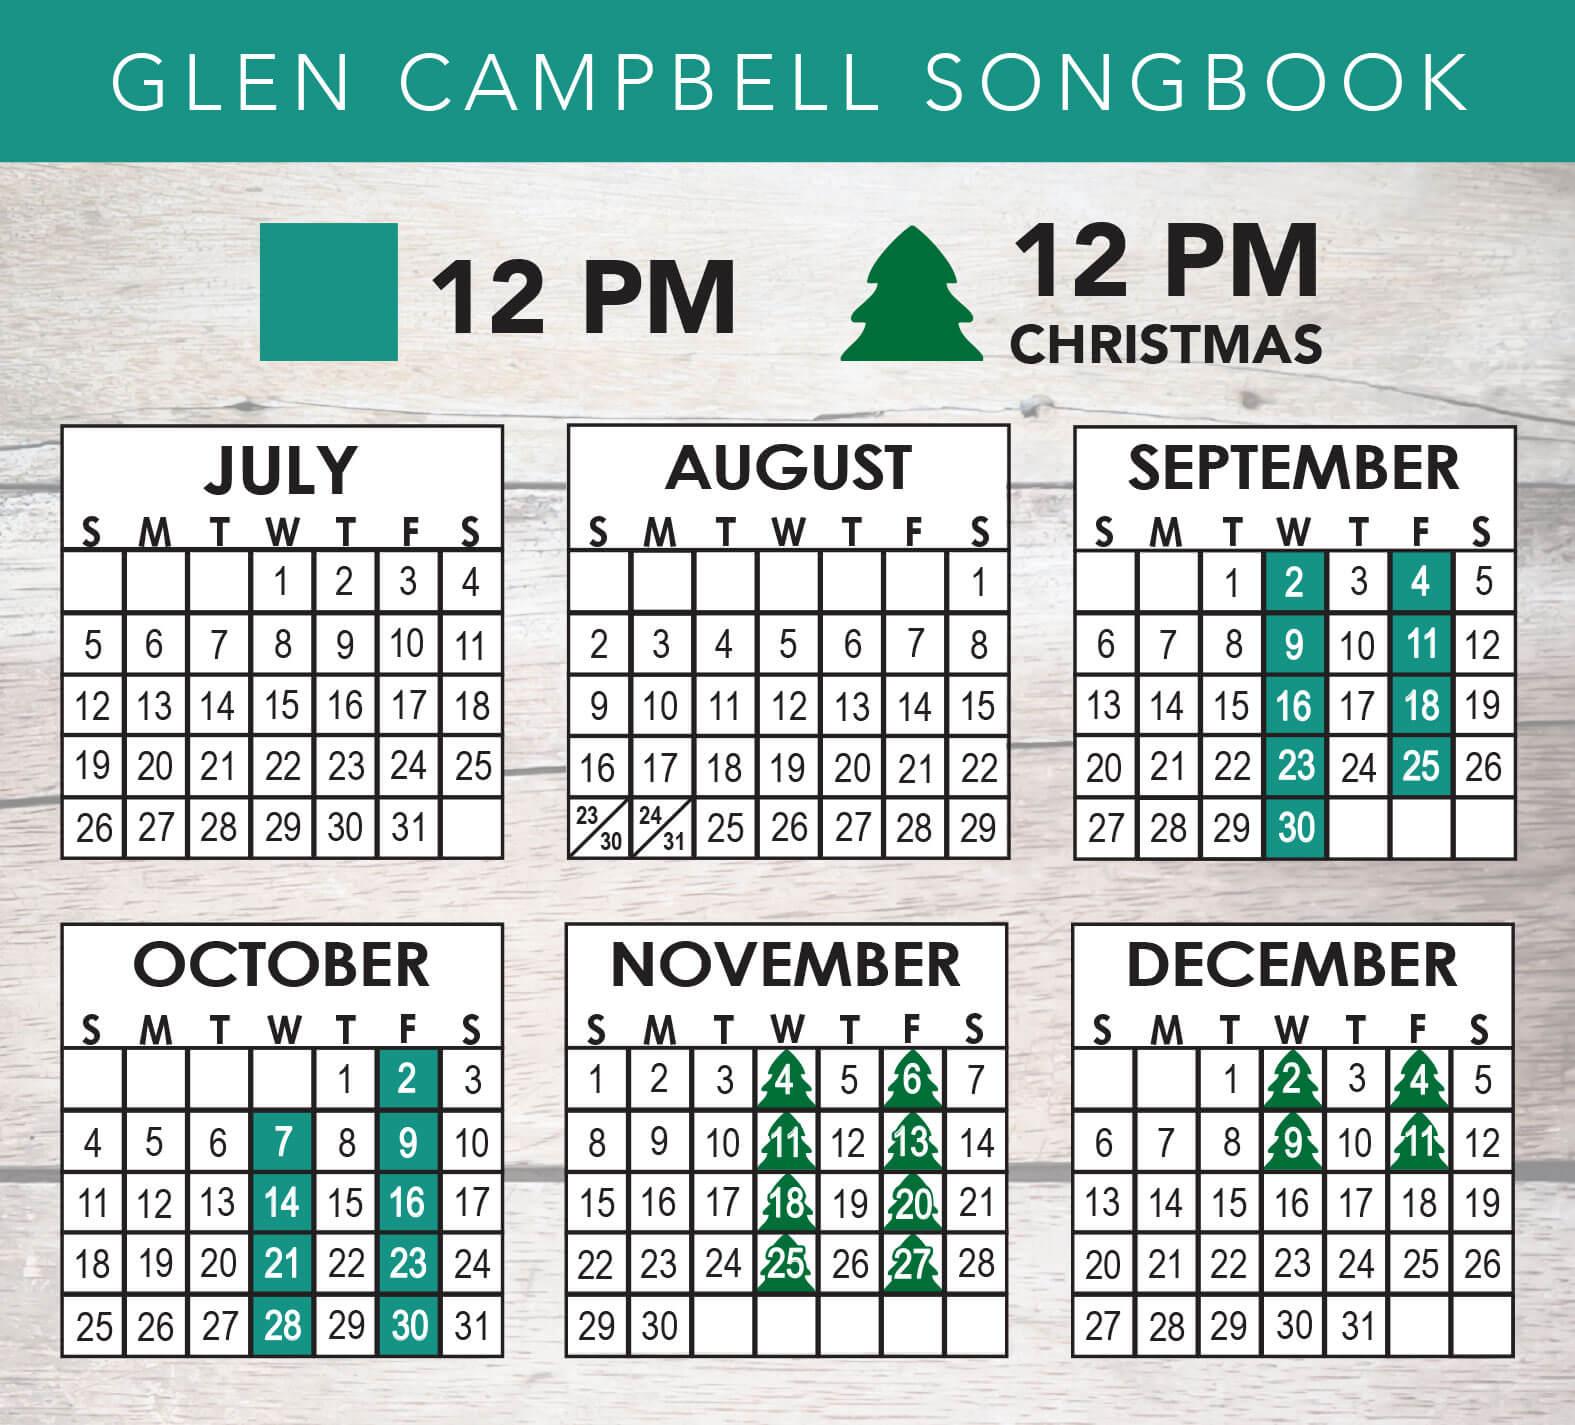 Glen Campbell Songbook 2020 Schedule